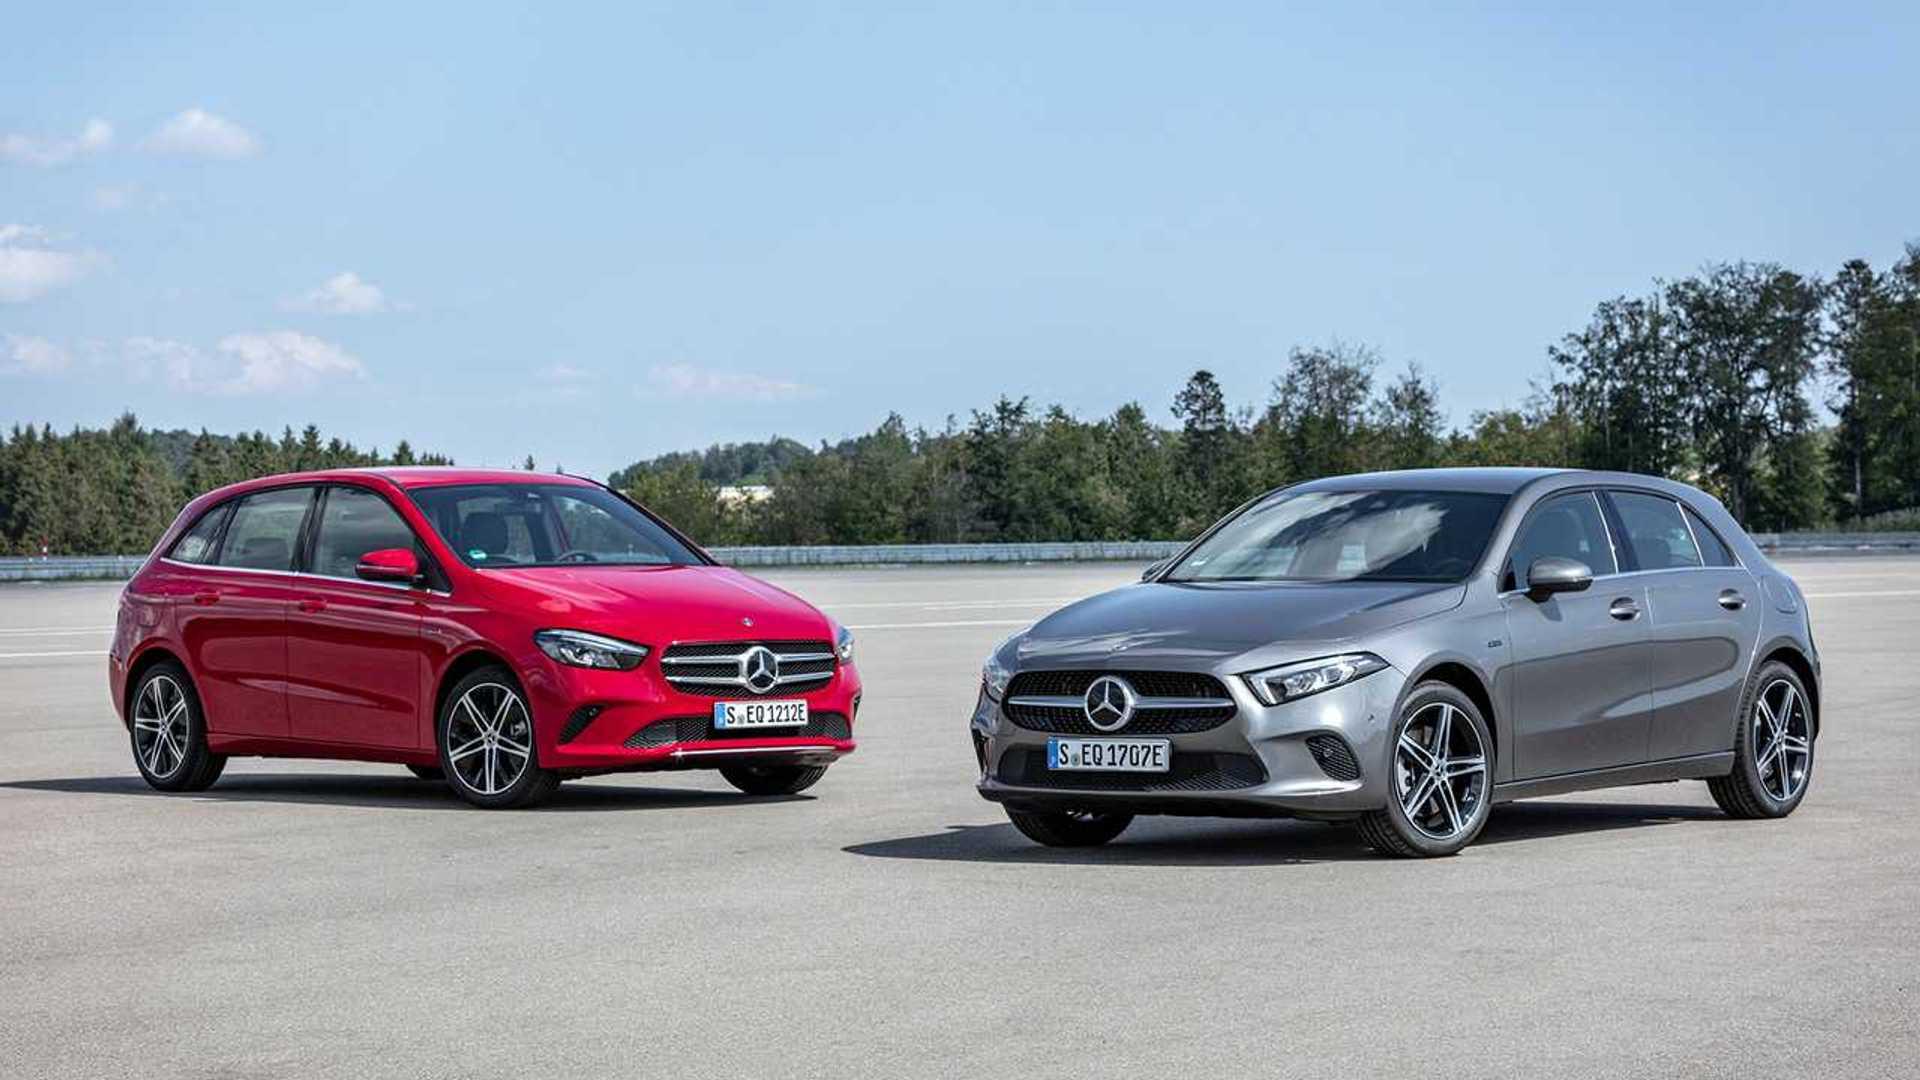 2018 - [Mercedes-Benz] Classe B - Page 6 Mercedes-benz-a-250e-und-b-250e-2019